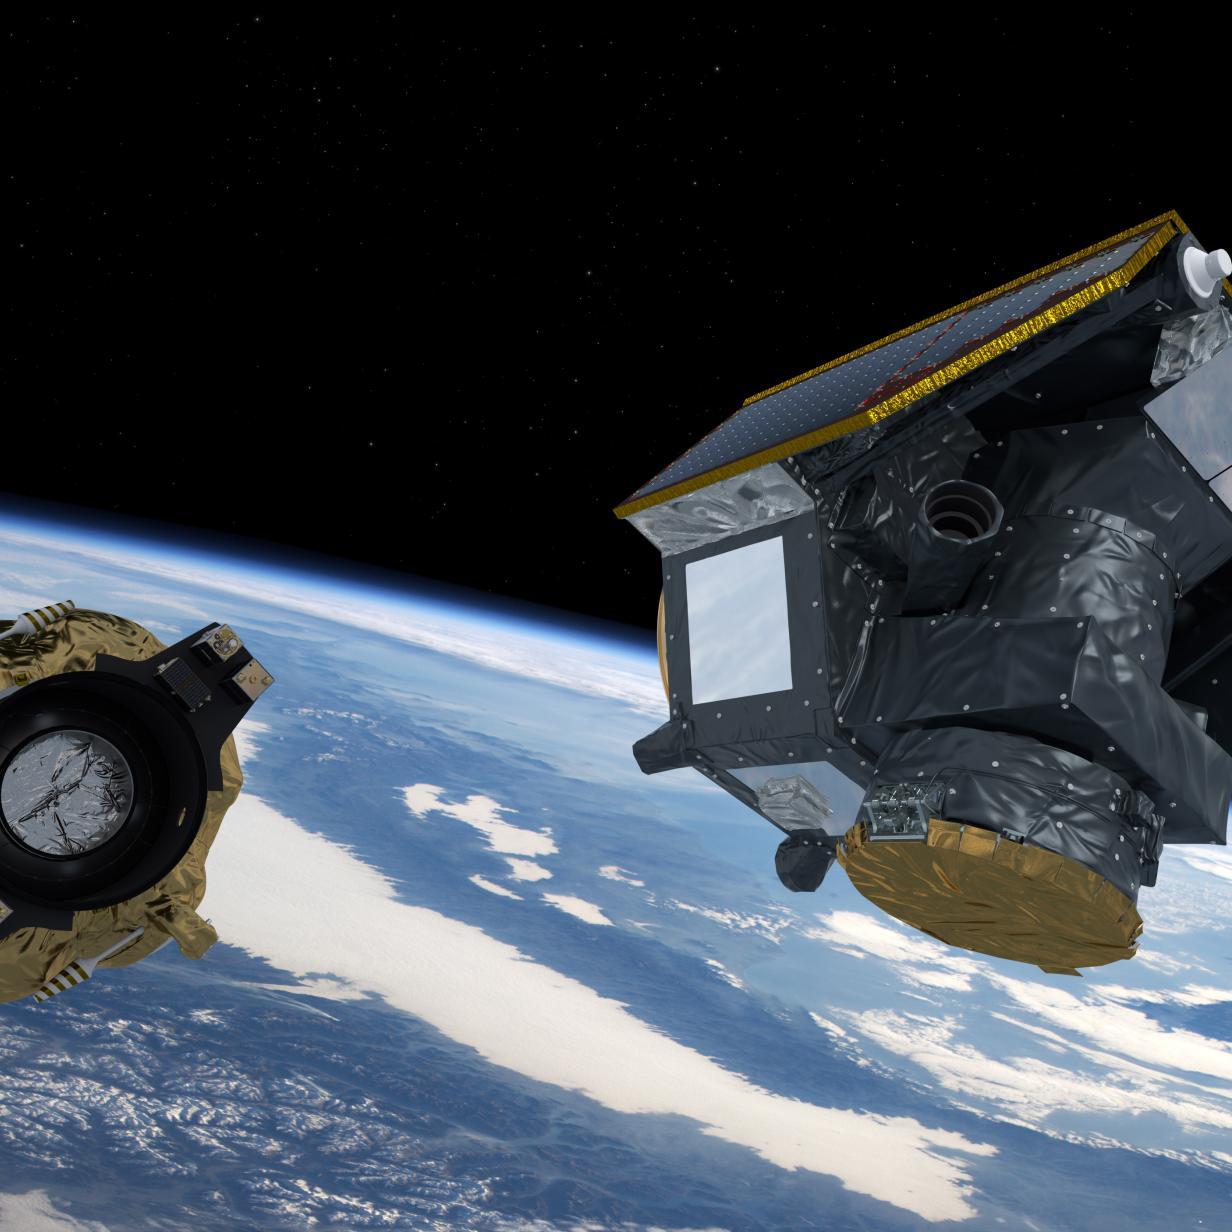 Auf Kollisionskurs: Zwei Satelliten stoßen demnächst zusammen